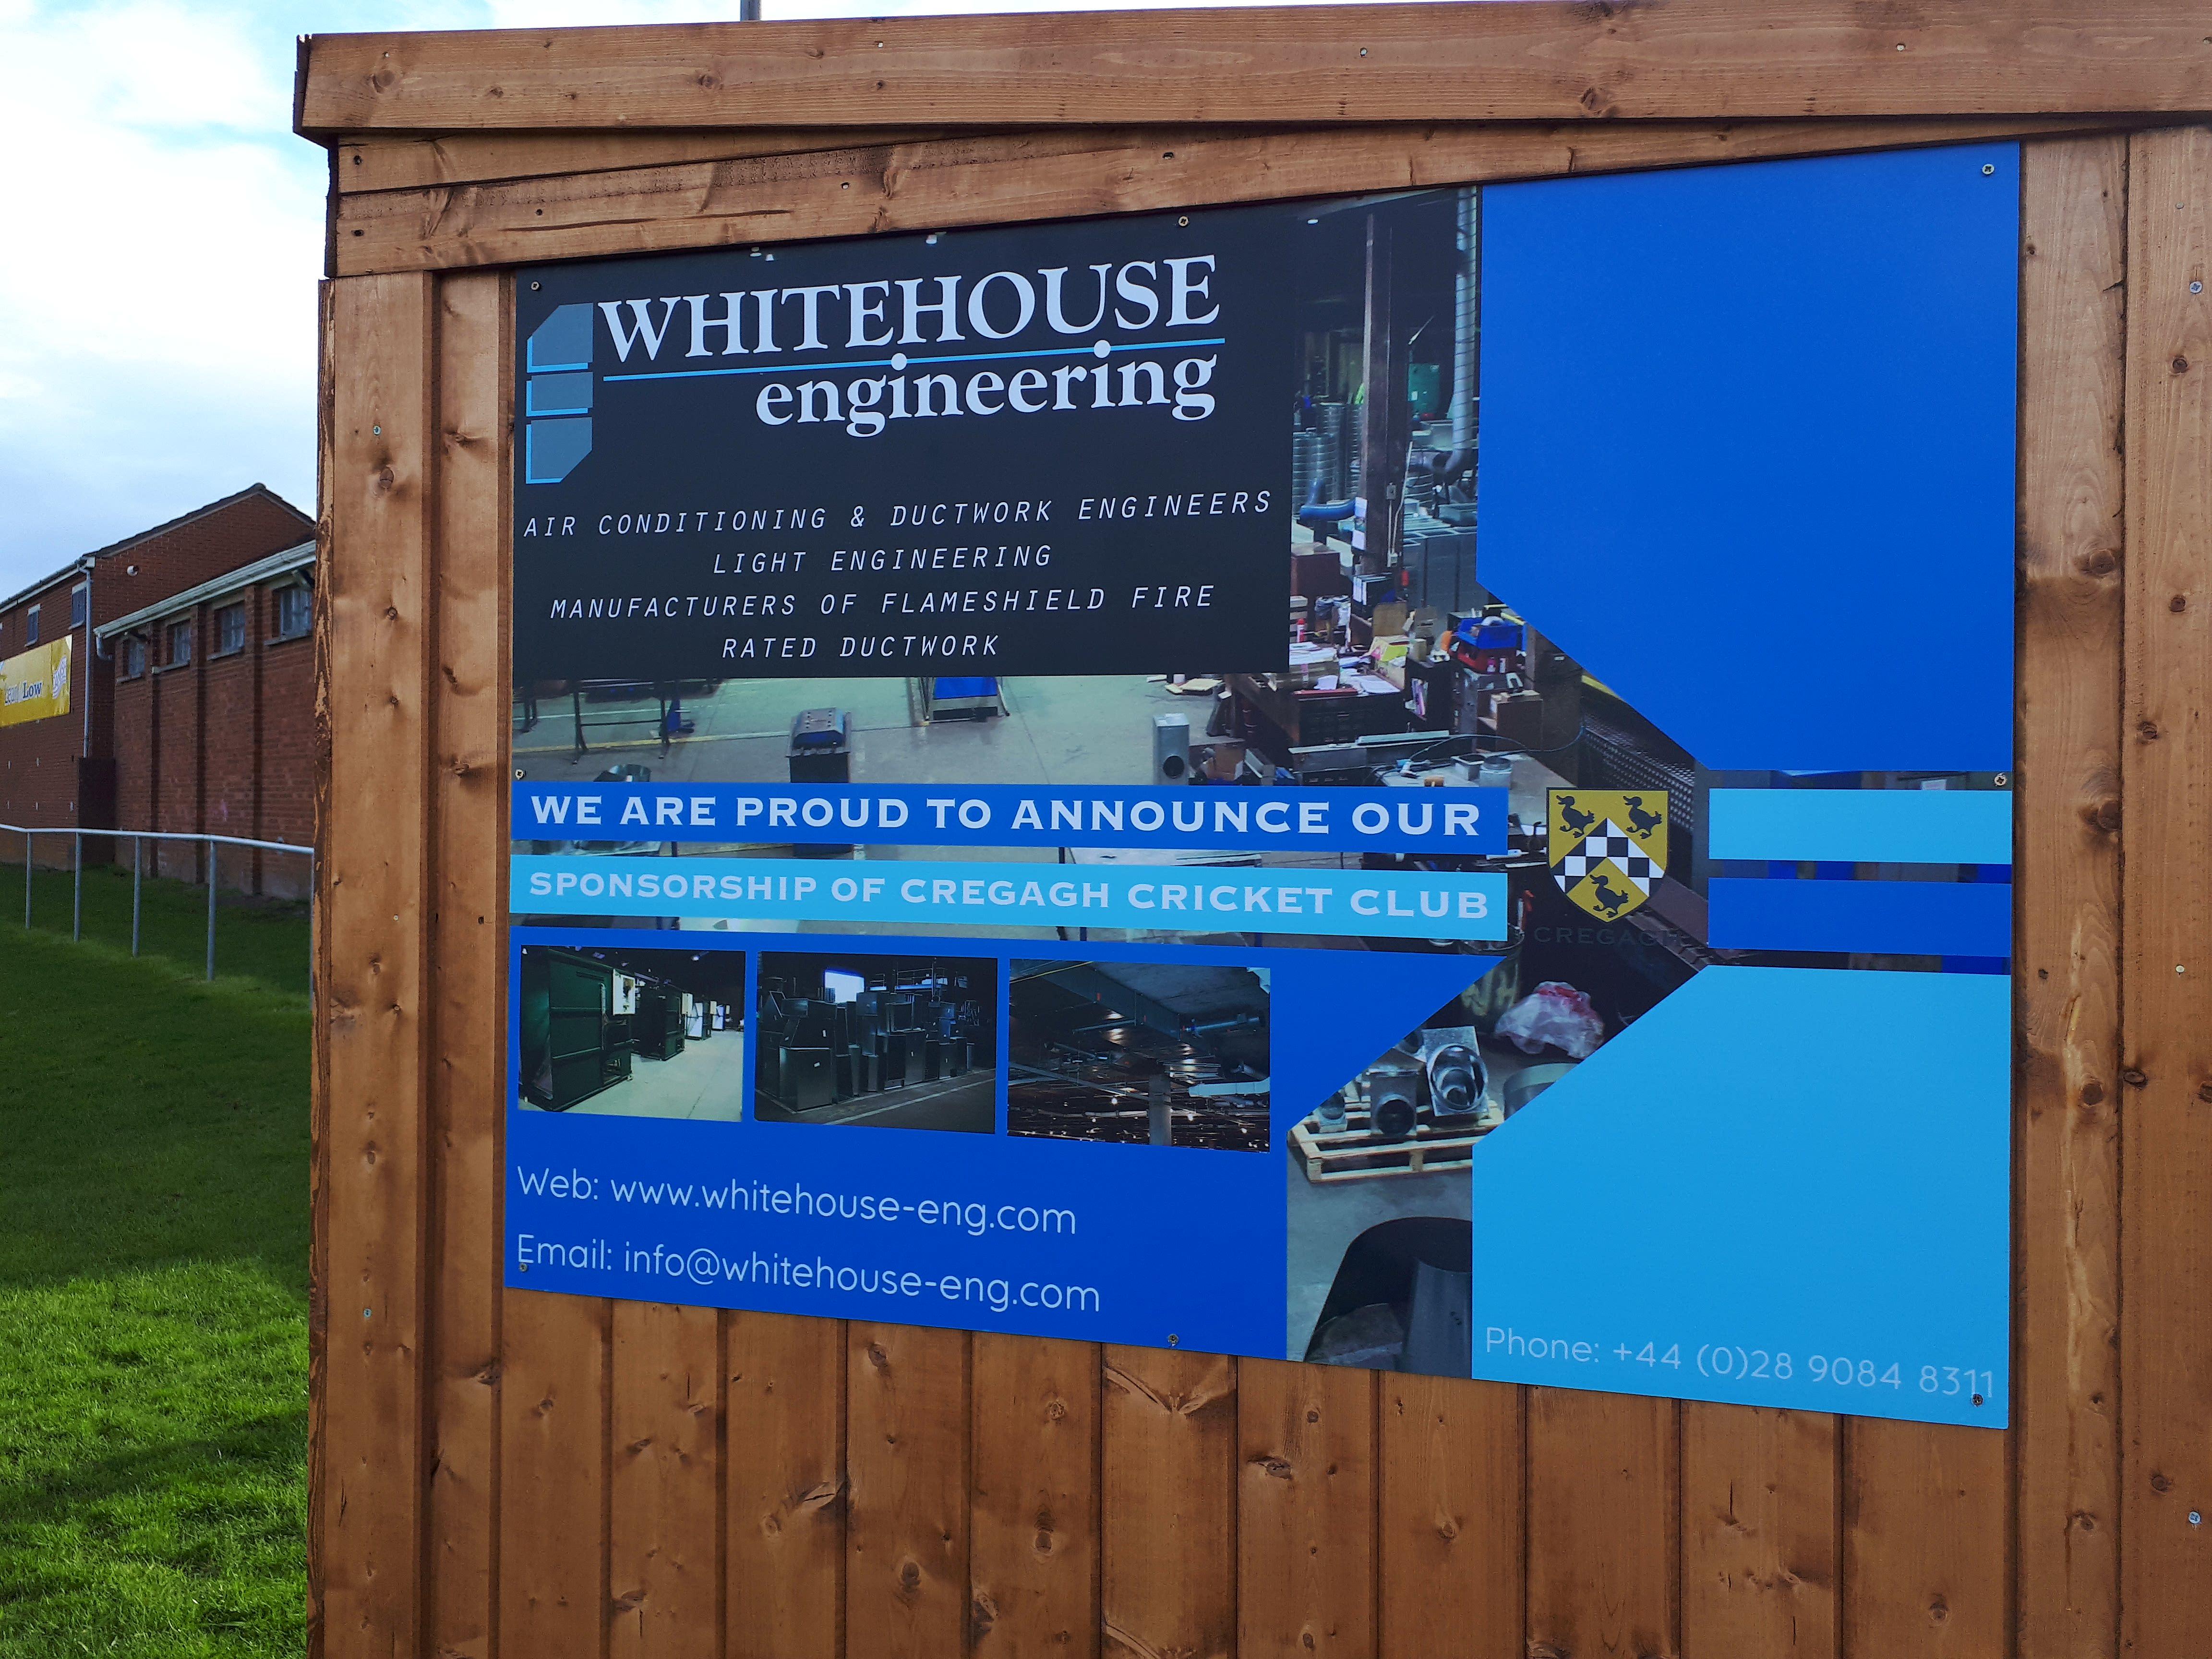 Whitehouse Engineering